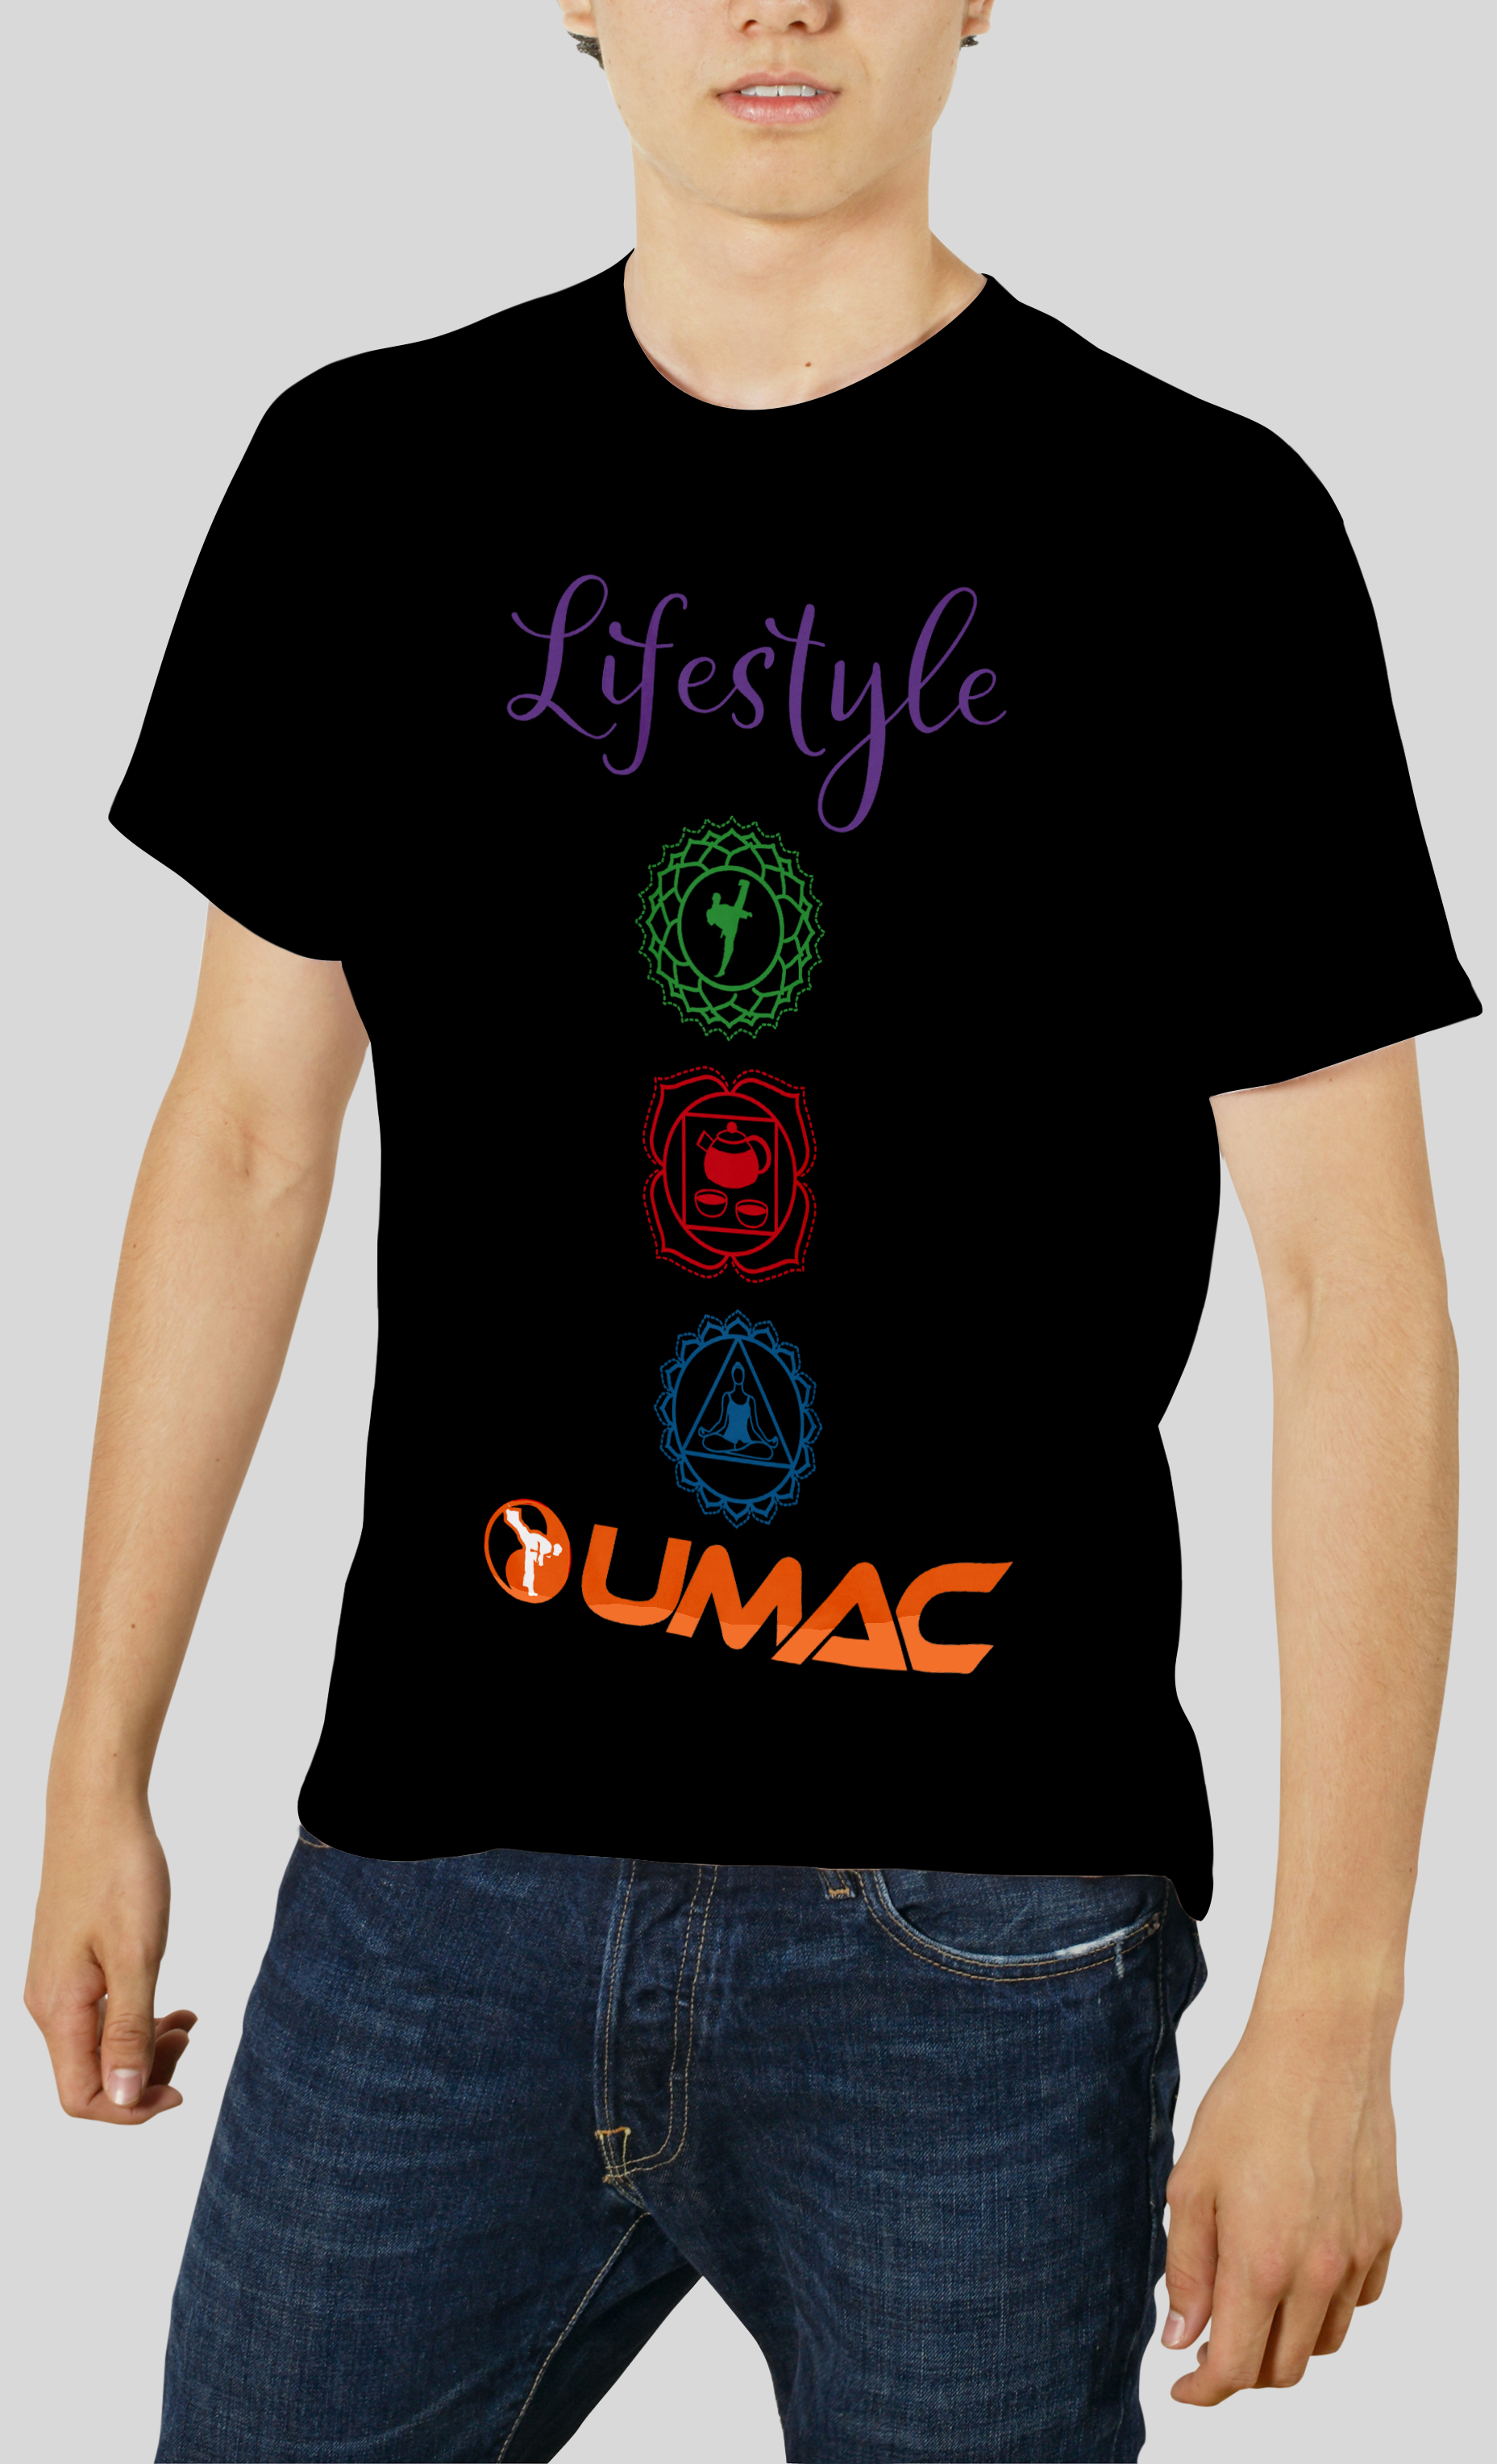 lifeststyle mock up color.jpg